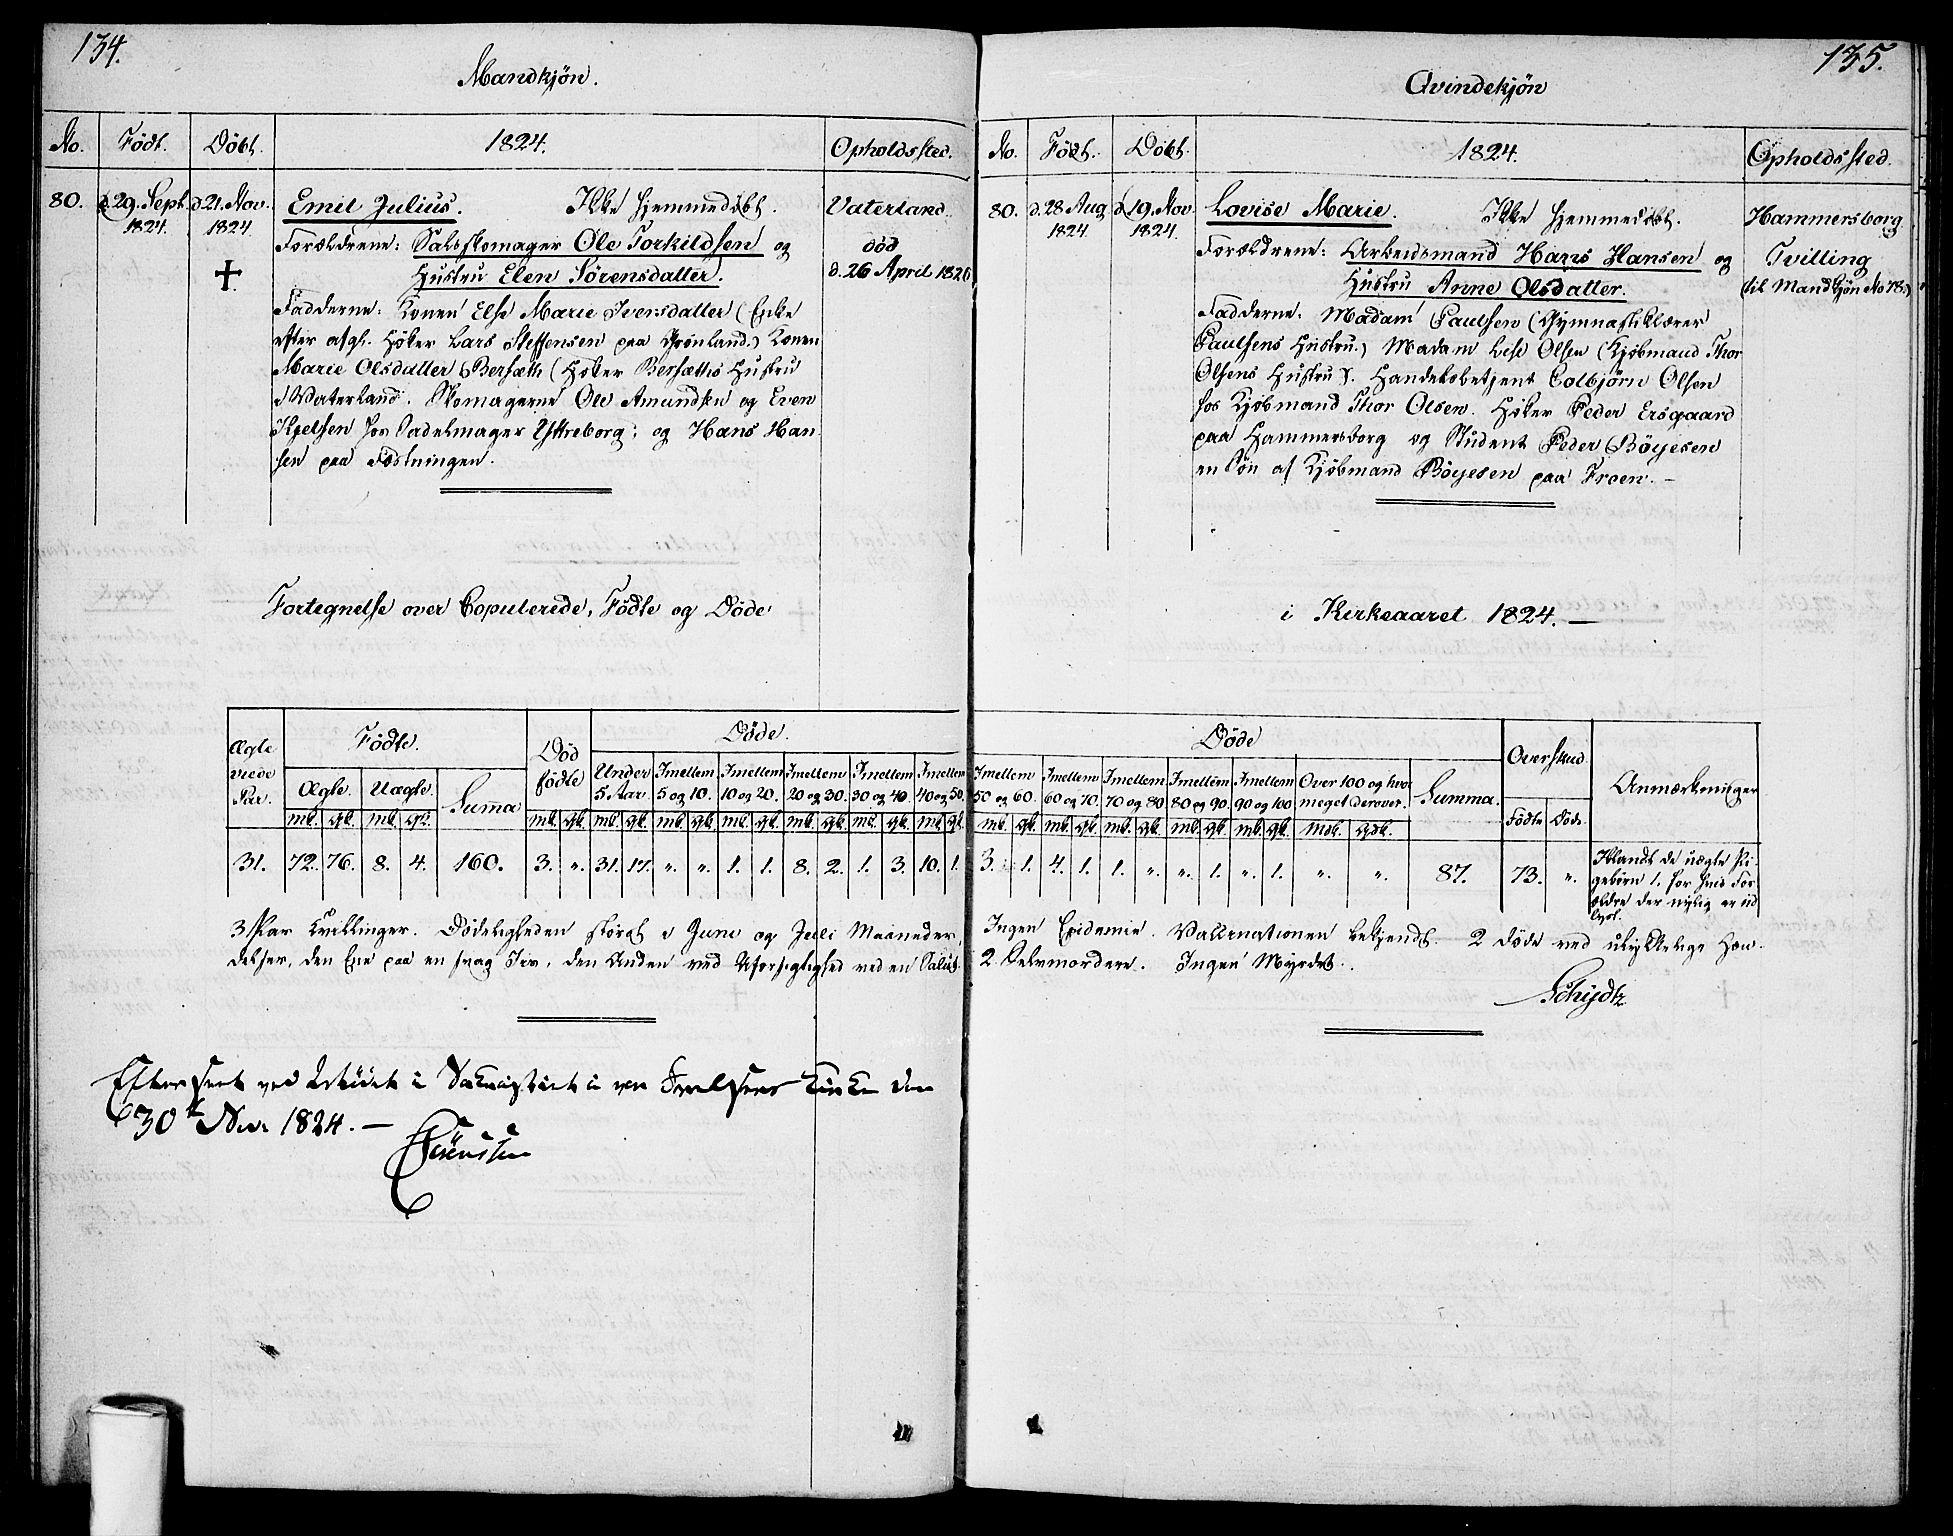 SAO, Garnisonsmenigheten Kirkebøker, F/Fa/L0004: Ministerialbok nr. 4, 1820-1828, s. 134-135